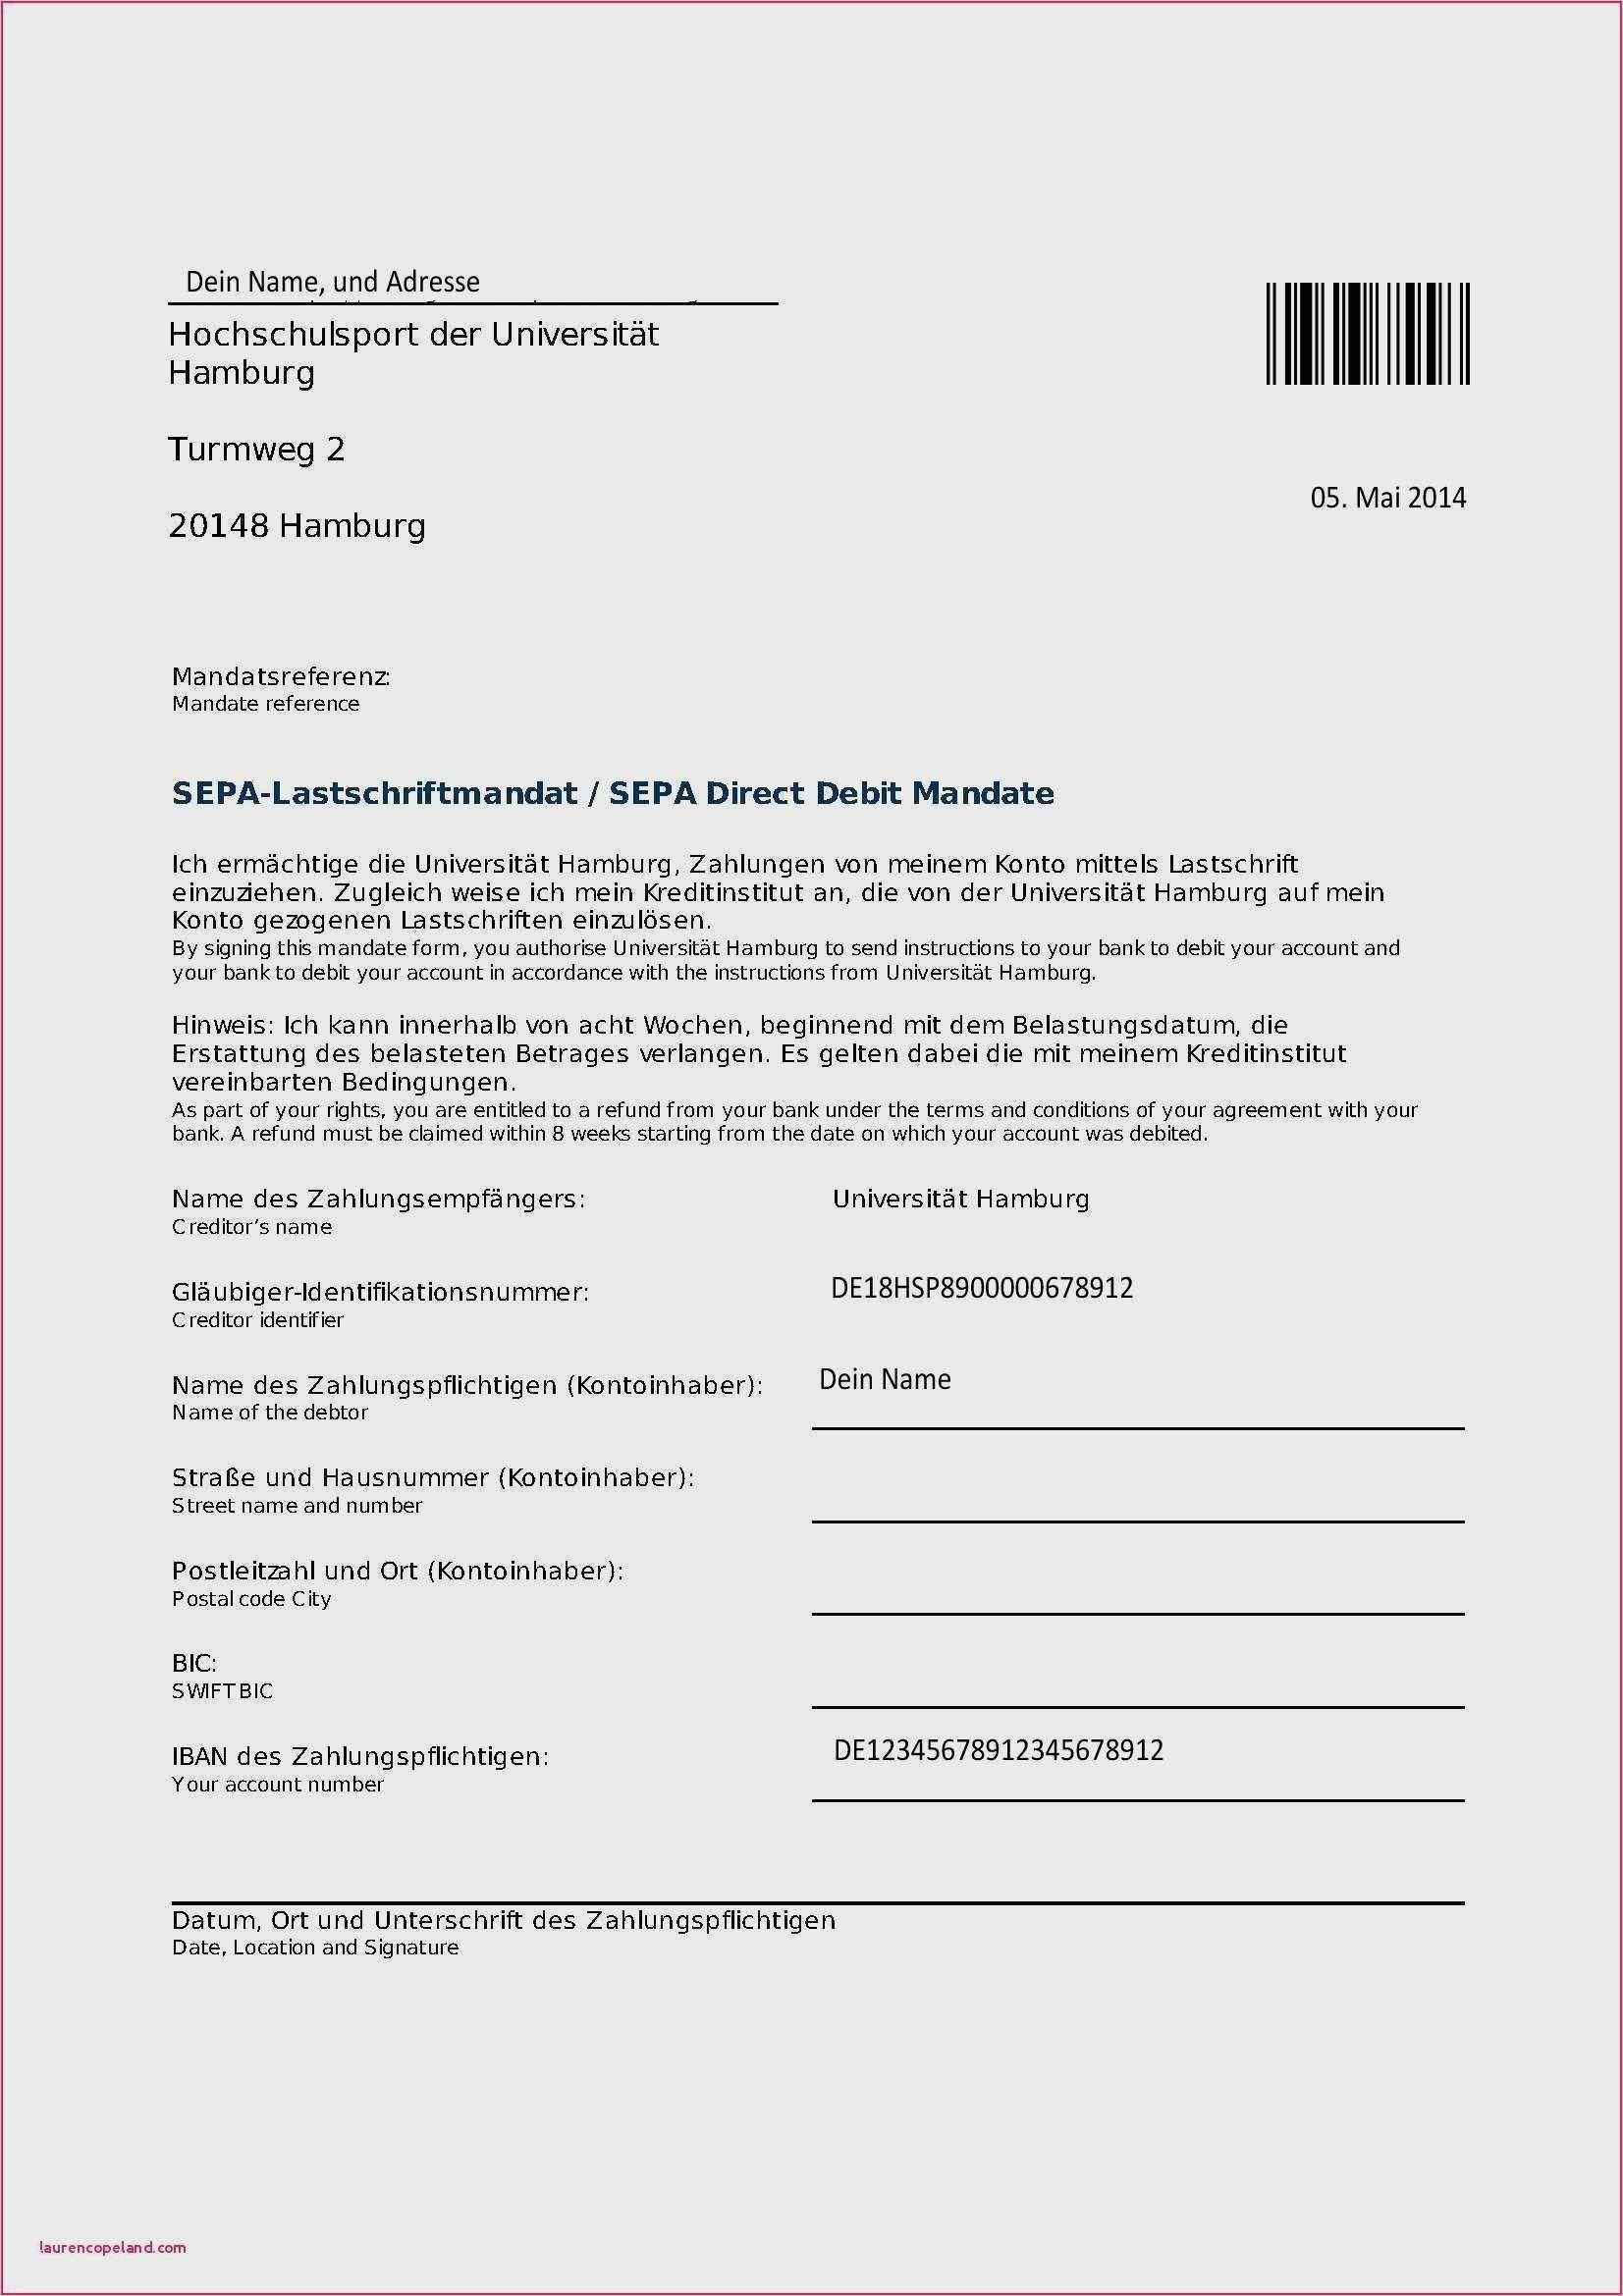 48 Bewundernswert Sepa Lastschriftmandat Vorlage Sparkasse Jene Konnen Einstellen In Ms Word In 2020 Vorlagen Word Vorlagen Sparkasse